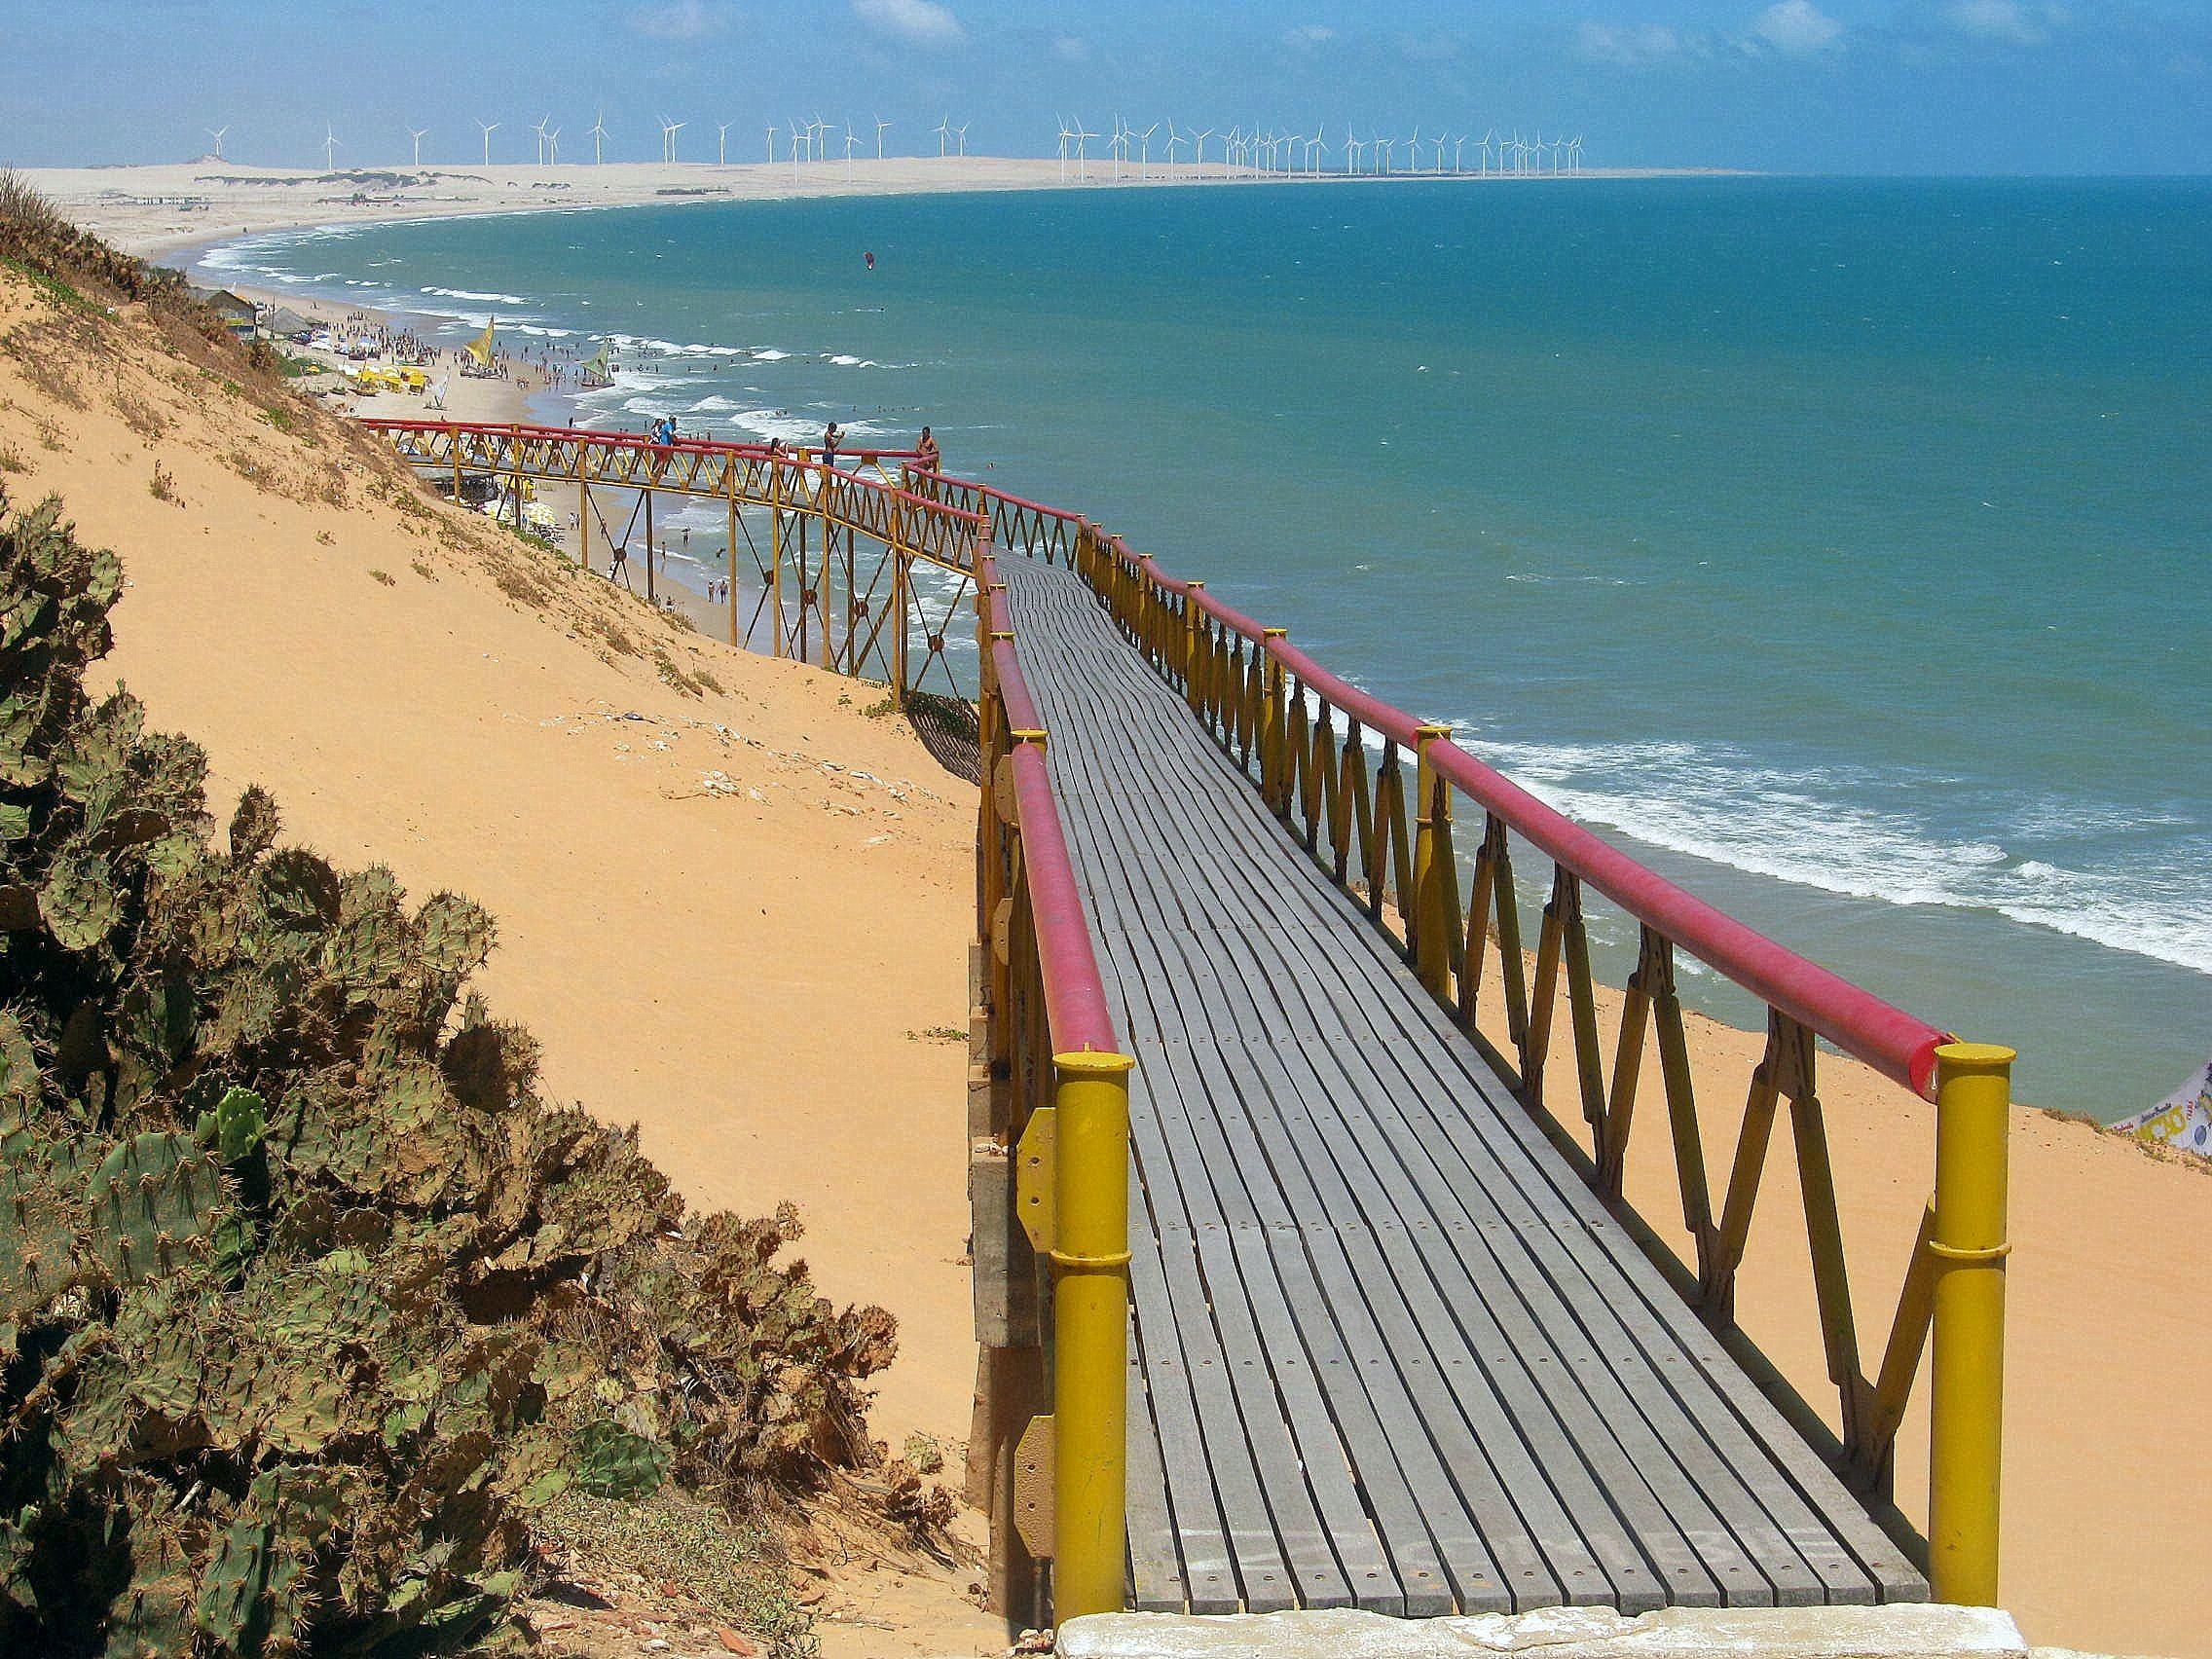 Ponte na beira da praia e os geradores de energia eólica ao fundo, Canoa Quebrada.